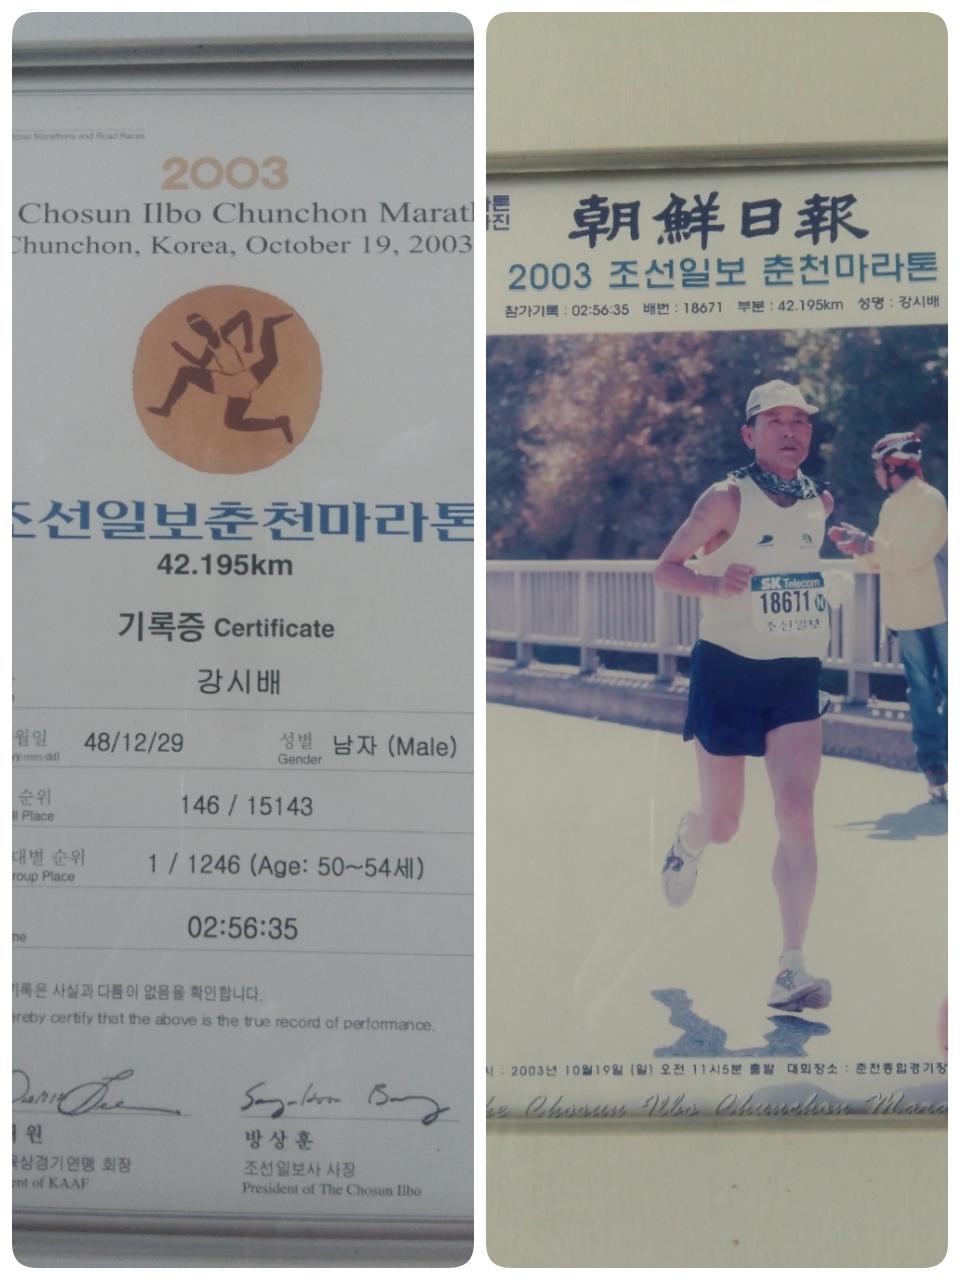 2003.10.19. 조선일보춘천마라톤대회에서 대망의 SUB-3 달성 / 2:56:35 기록으로 50대 연대별 1위